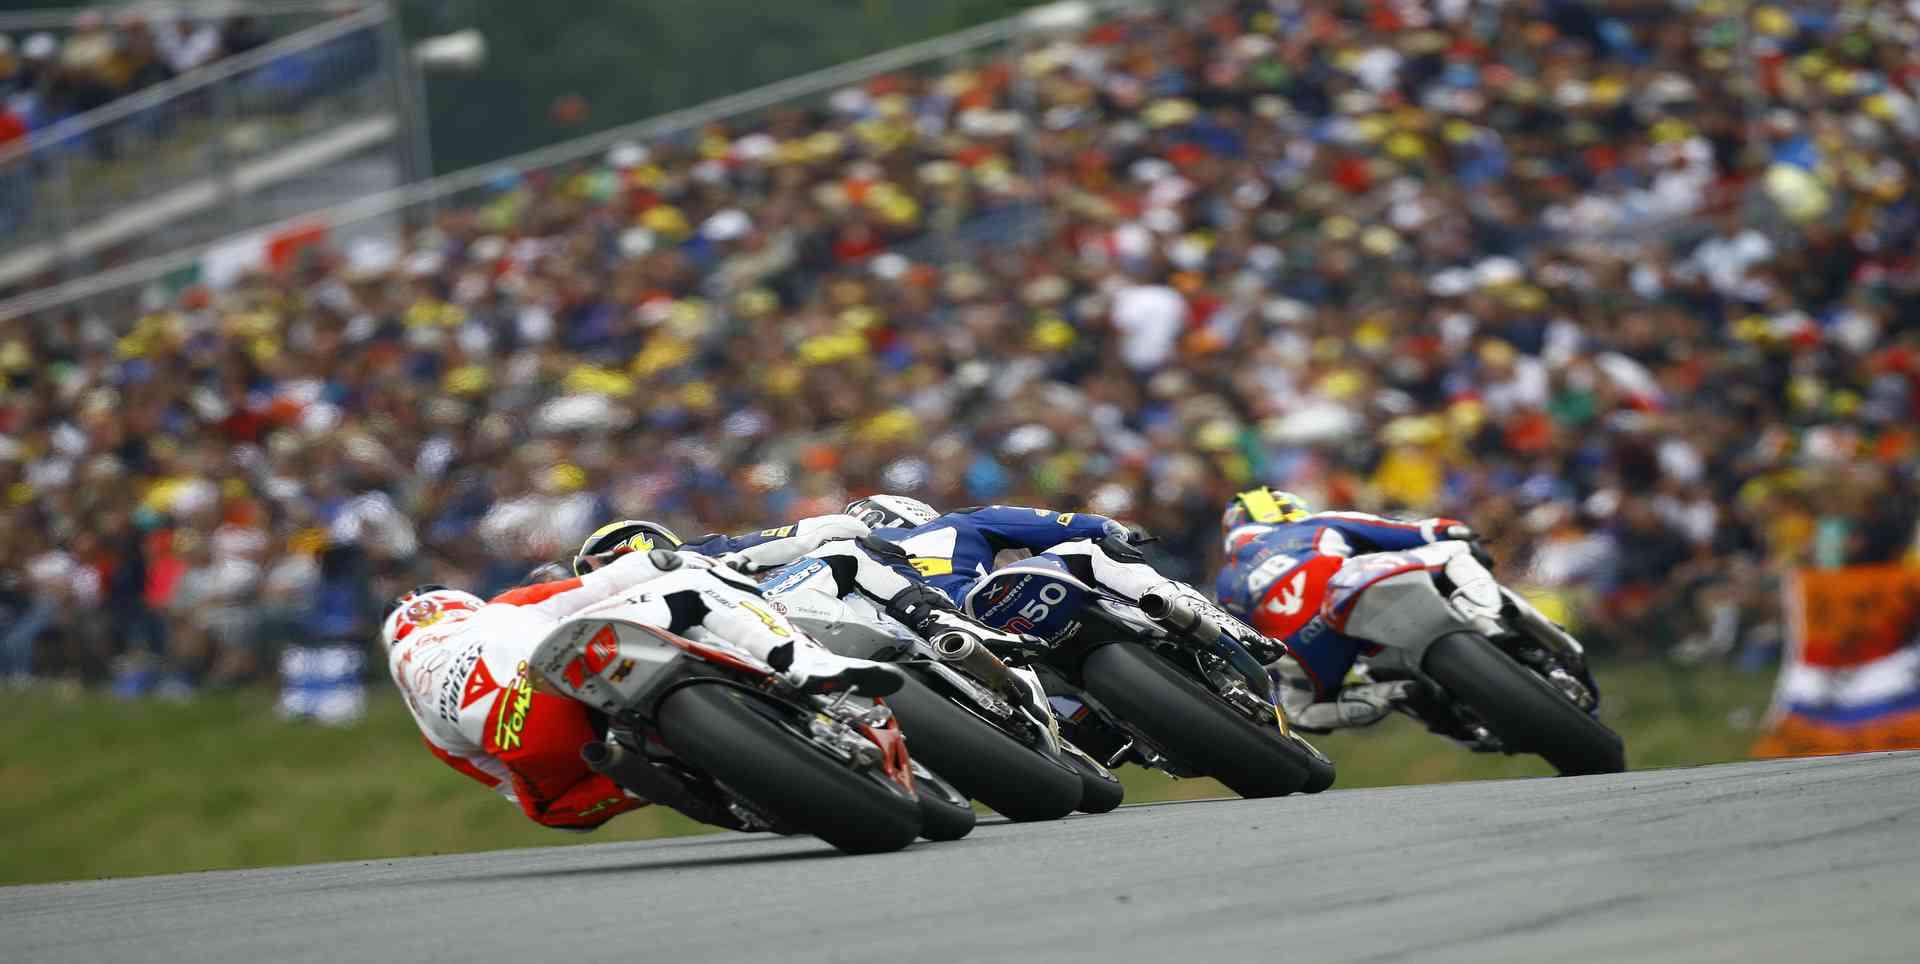 World Super Bike Championship